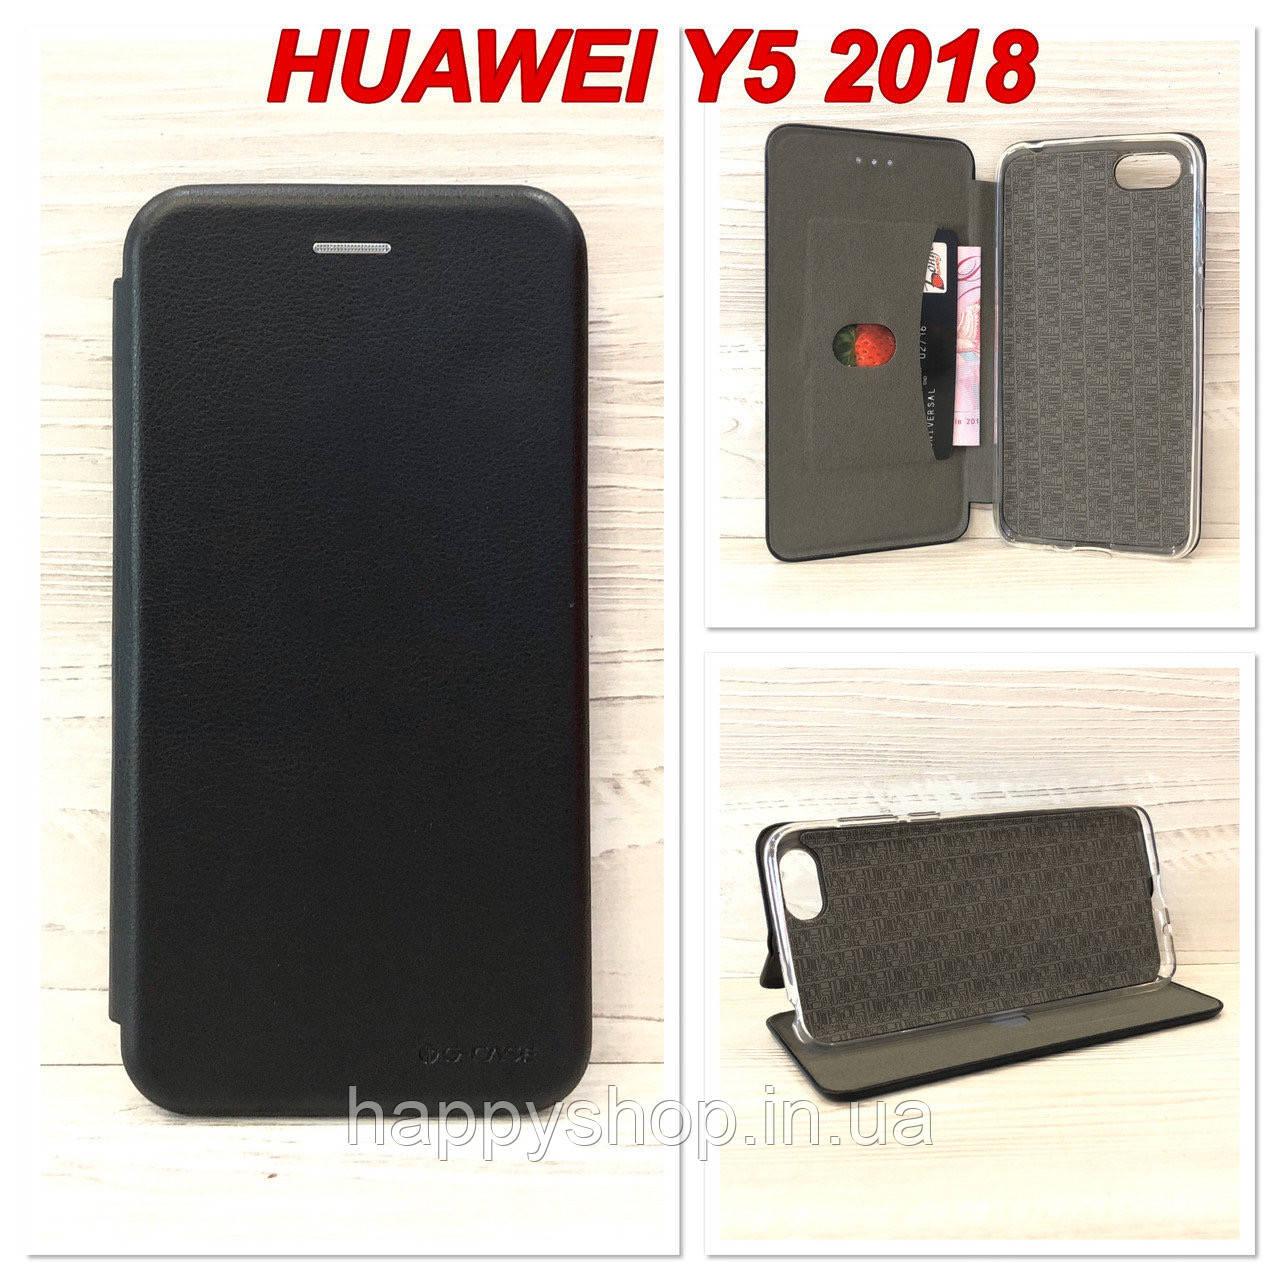 Чехол-книжка G-Case для Huawei Y5 2018 (Черный)